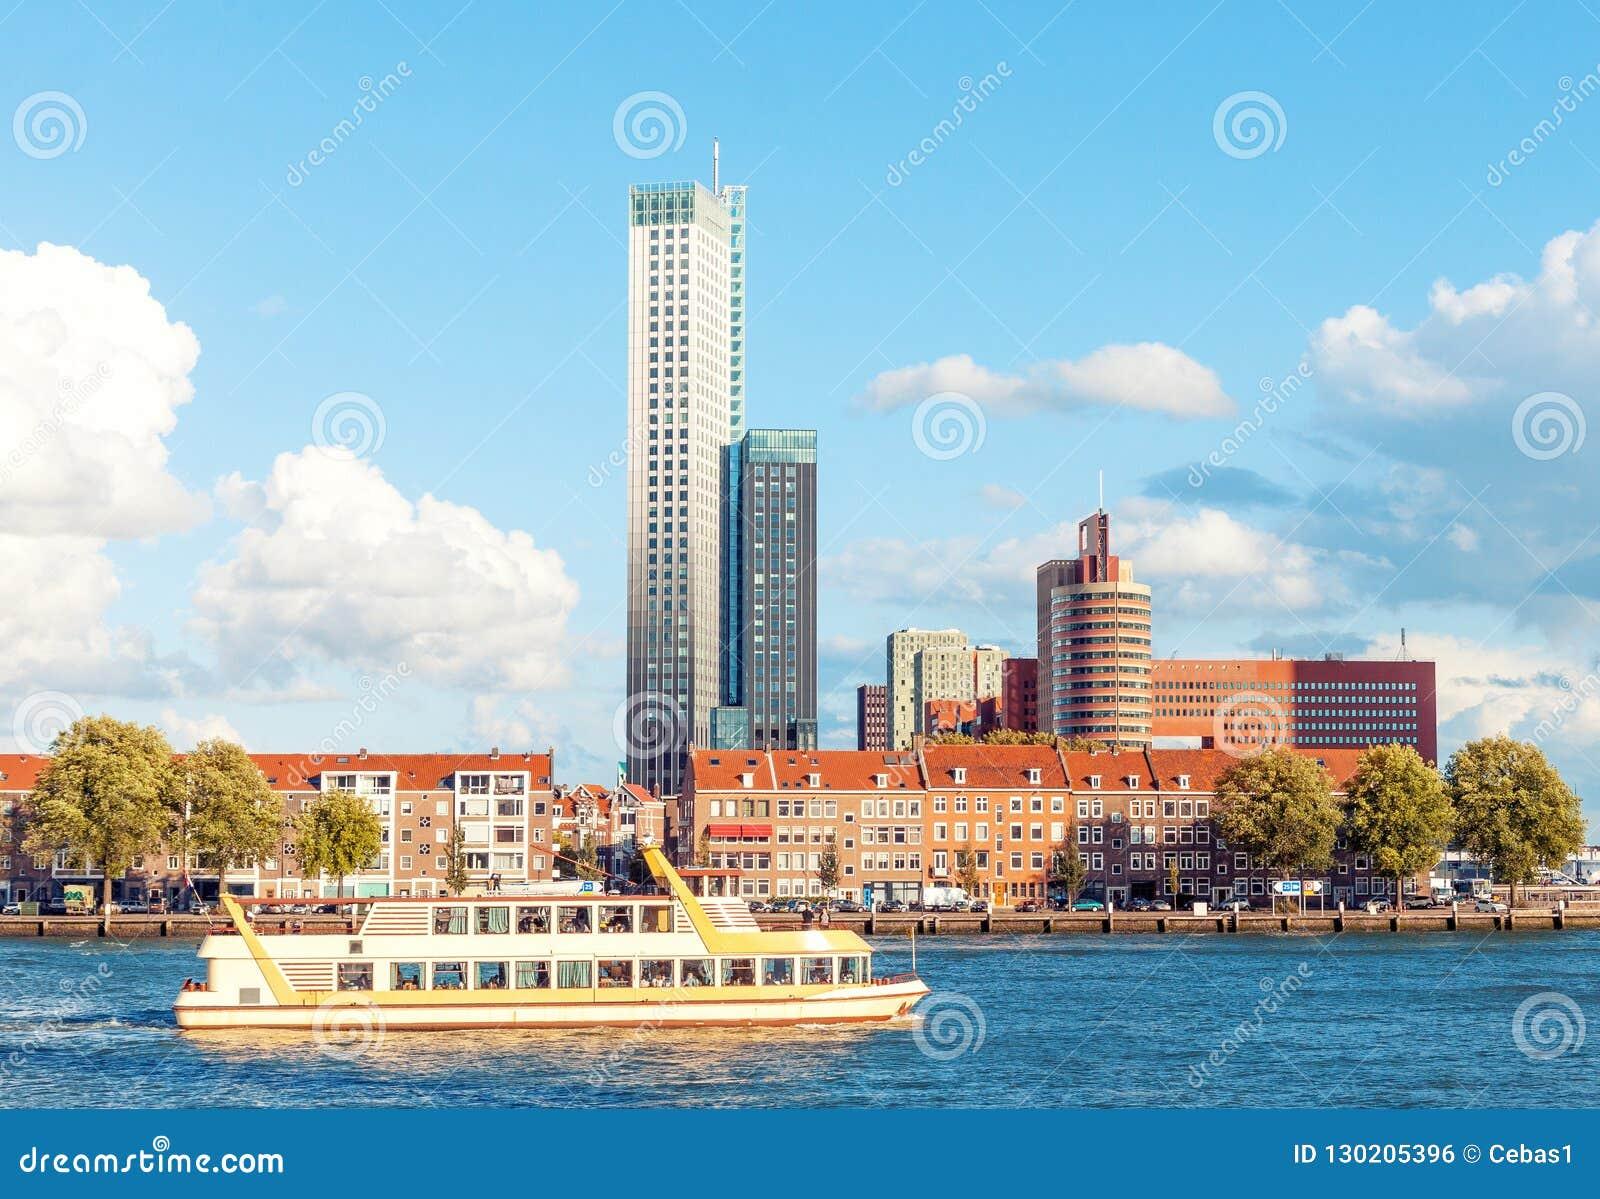 Rotterdam skyline view in Netherlands